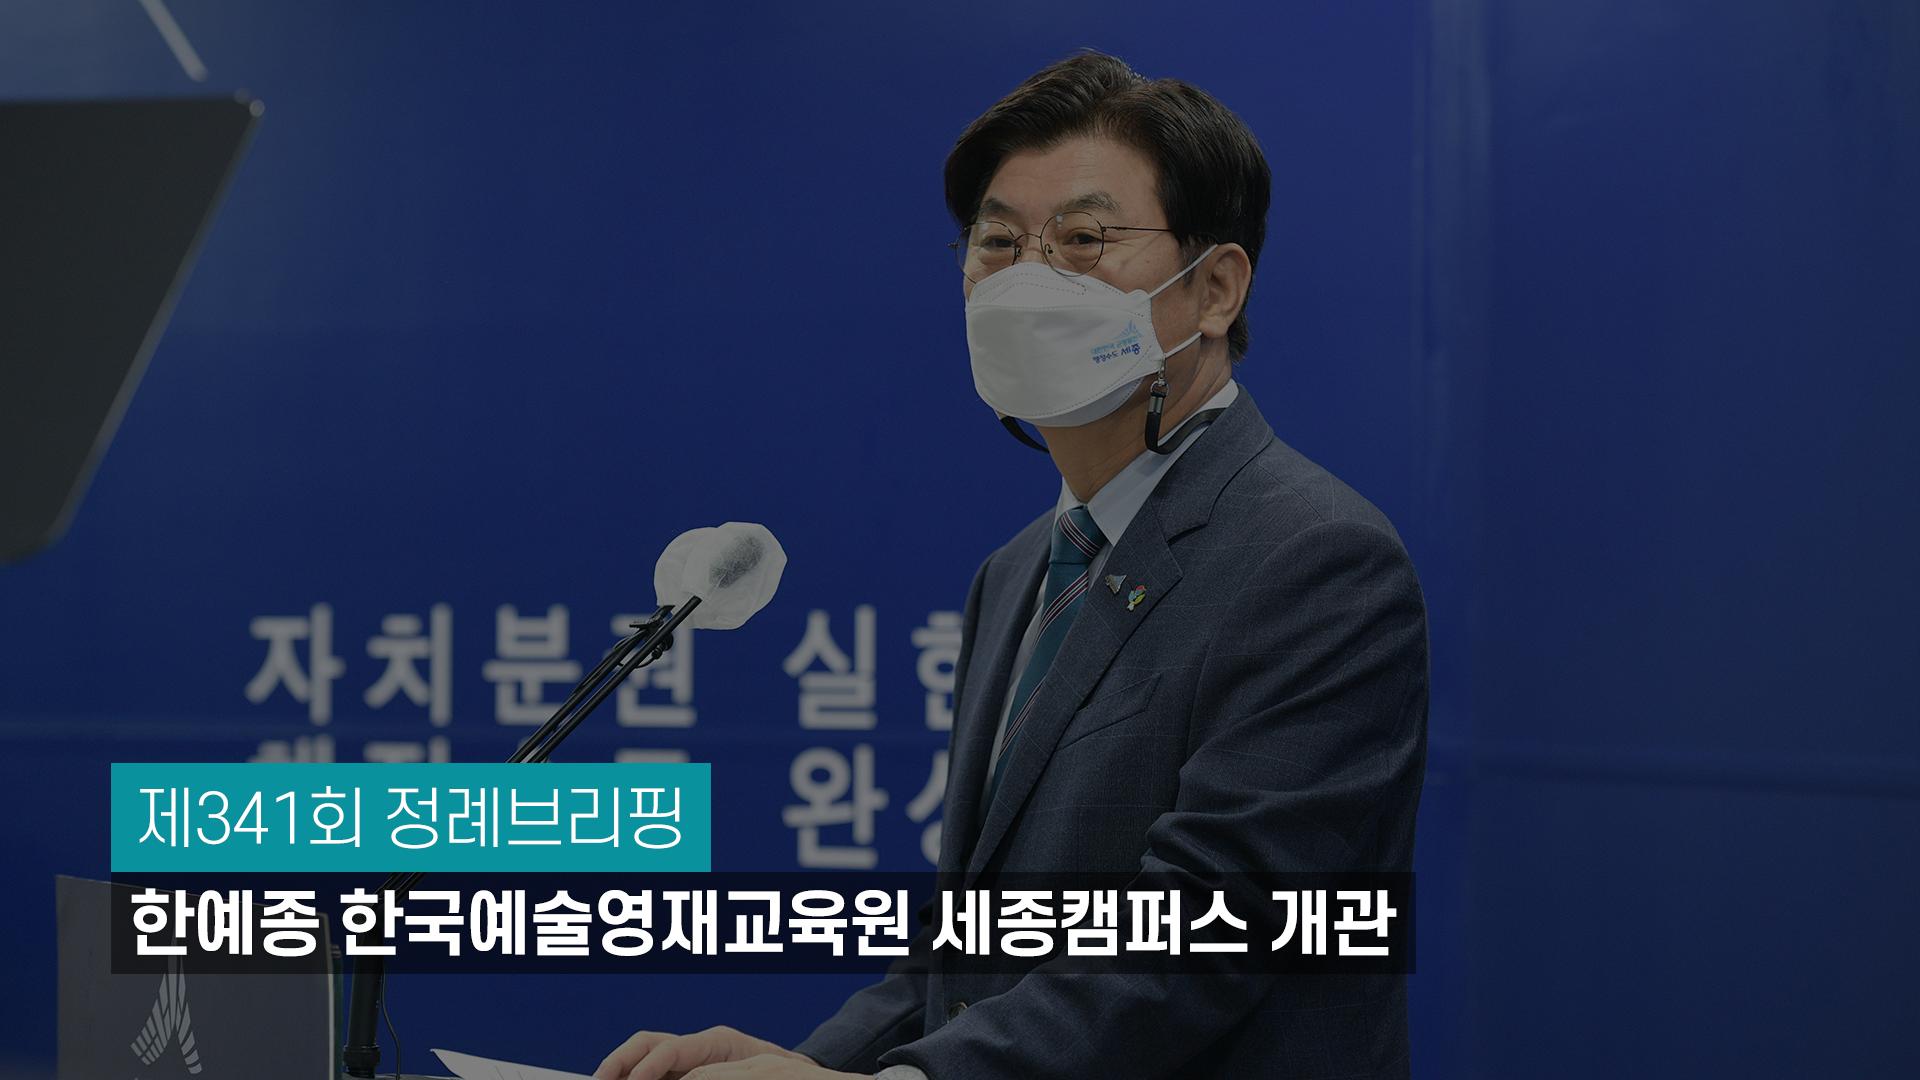 <341번째 정례브리핑> 한국예술종합학교 예술영재교육원 세종캠퍼스 개관